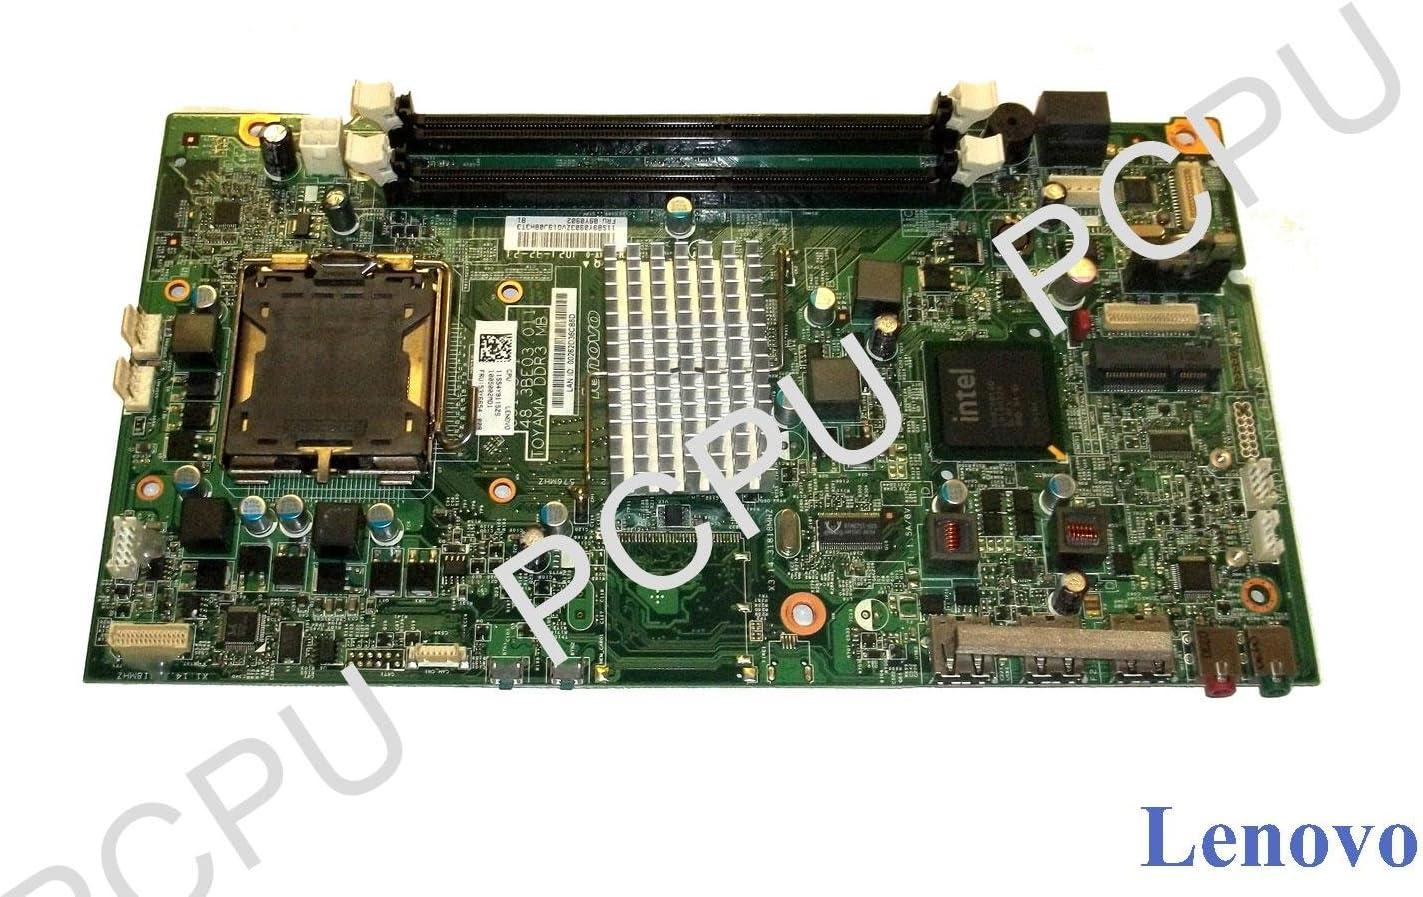 89Y0903 Lenovo A70Z AIO Intel Motherboard s775